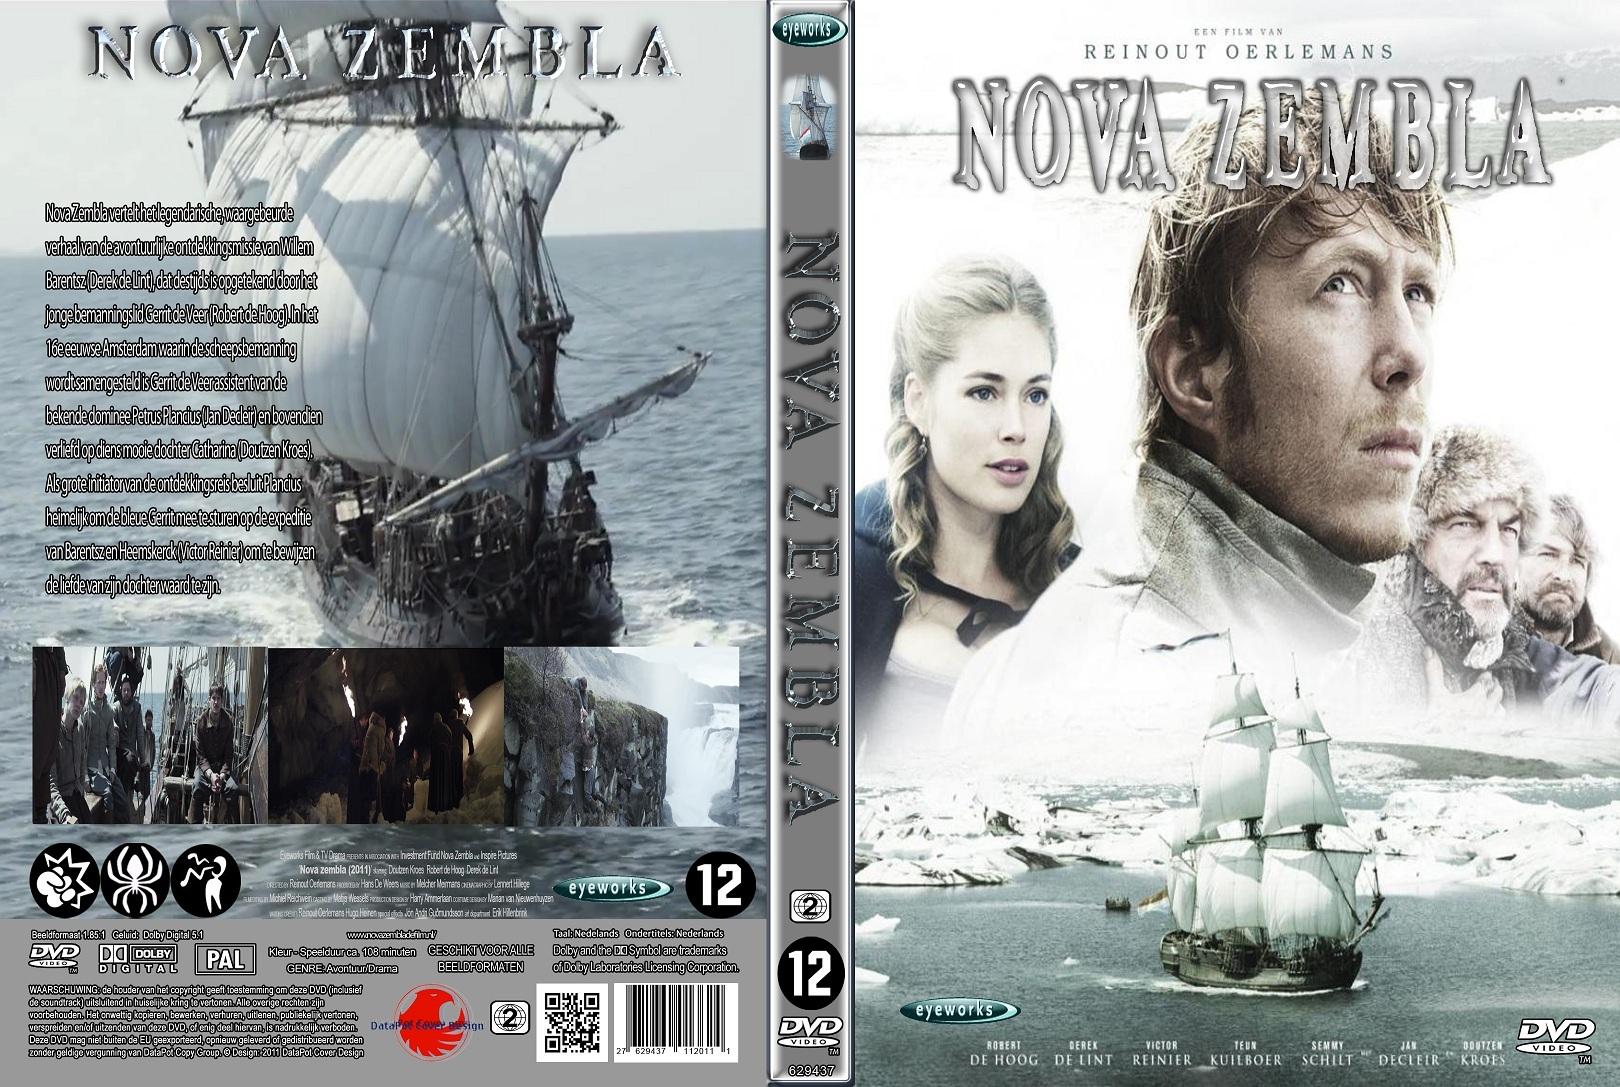 新地岛(nova zembla) - 电影图片 | 电影剧照 | 高清